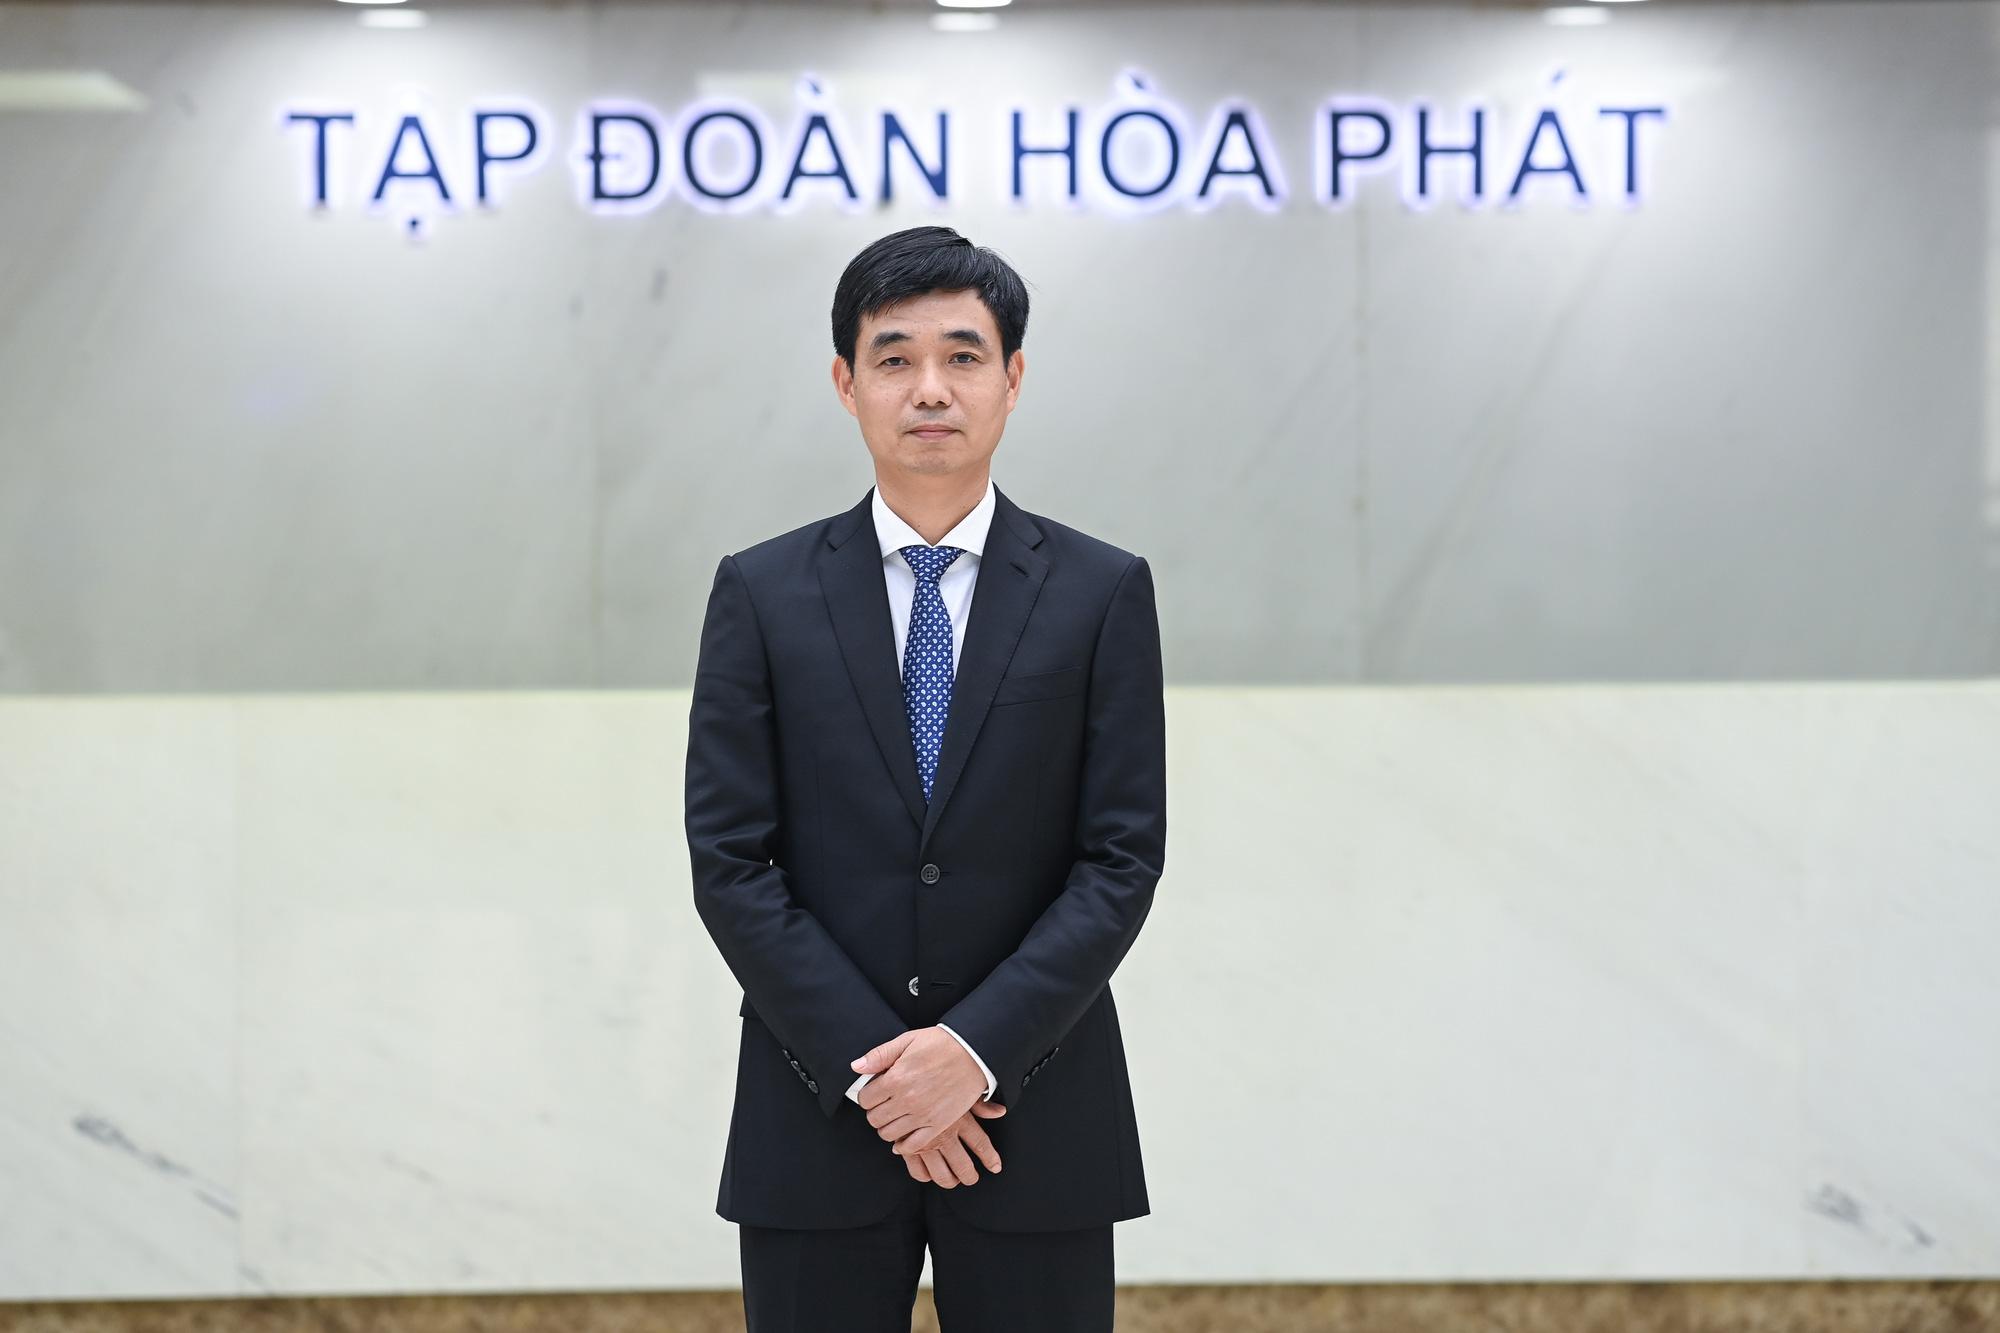 Tập đoàn Hòa Phát bổ nhiệm ông Nguyễn Việt Thắng giữ chức vụ Tổng Giám đốc - Ảnh 1.